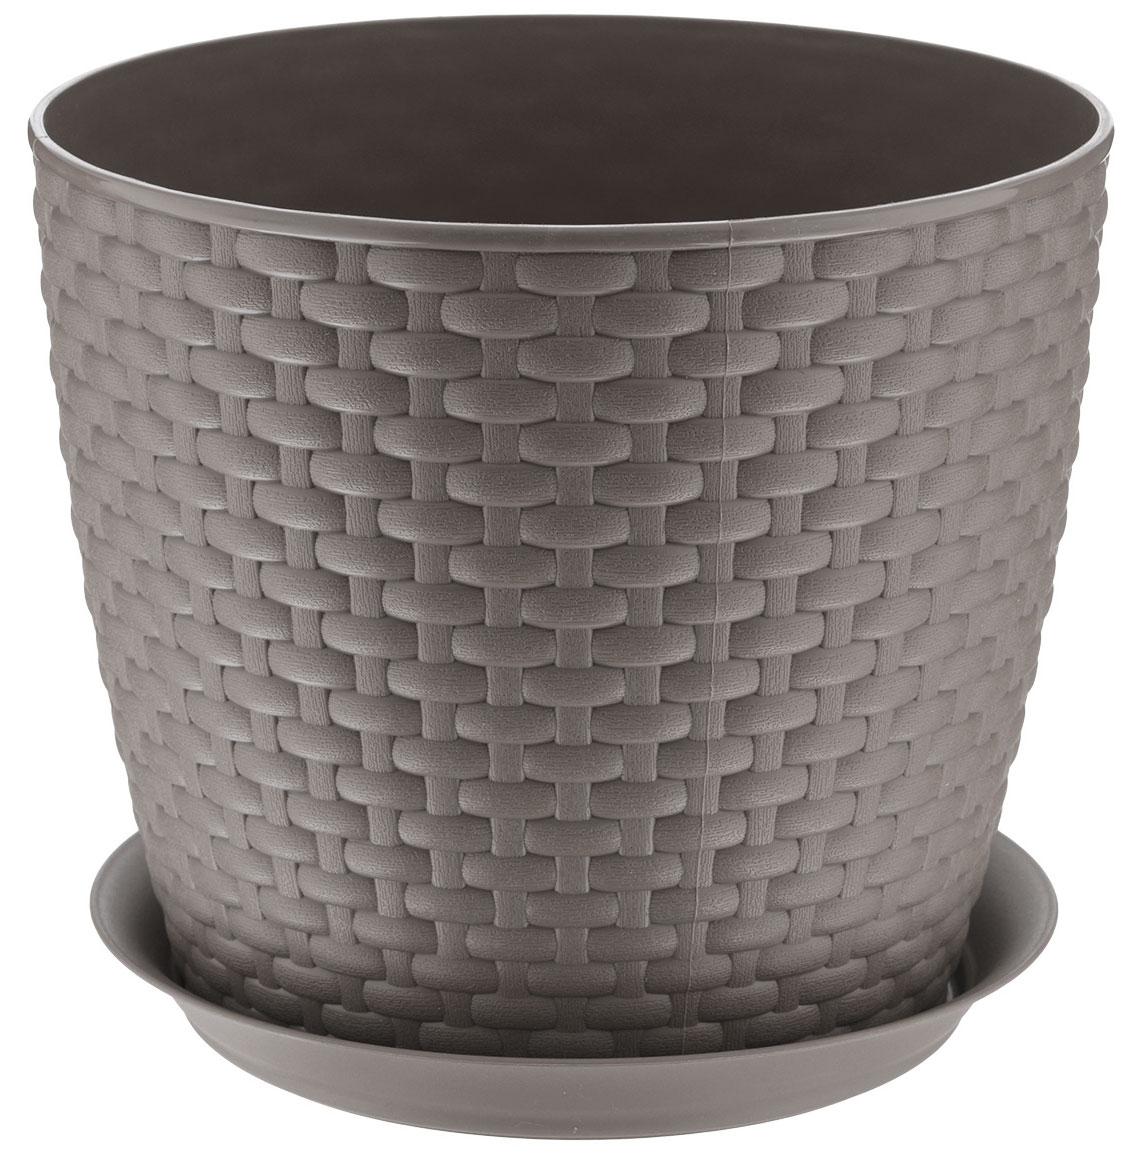 Кашпо Idea Ротанг, с поддоном, цвет: коричневый, 4,7 лМ 3083Кашпо Idea Ротанг изготовлено из высококачественного пластика. Специальный поддон предназначен для стока воды. Изделие прекрасно подходит для выращивания растений и цветов в домашних условиях. Лаконичный дизайн впишется в интерьер любого помещения. Диаметр поддона: 19,5 см. Объем кашпо: 4,7 л. Диаметр кашпо по верхнему краю: 21 см. Высота кашпо: 18 см.